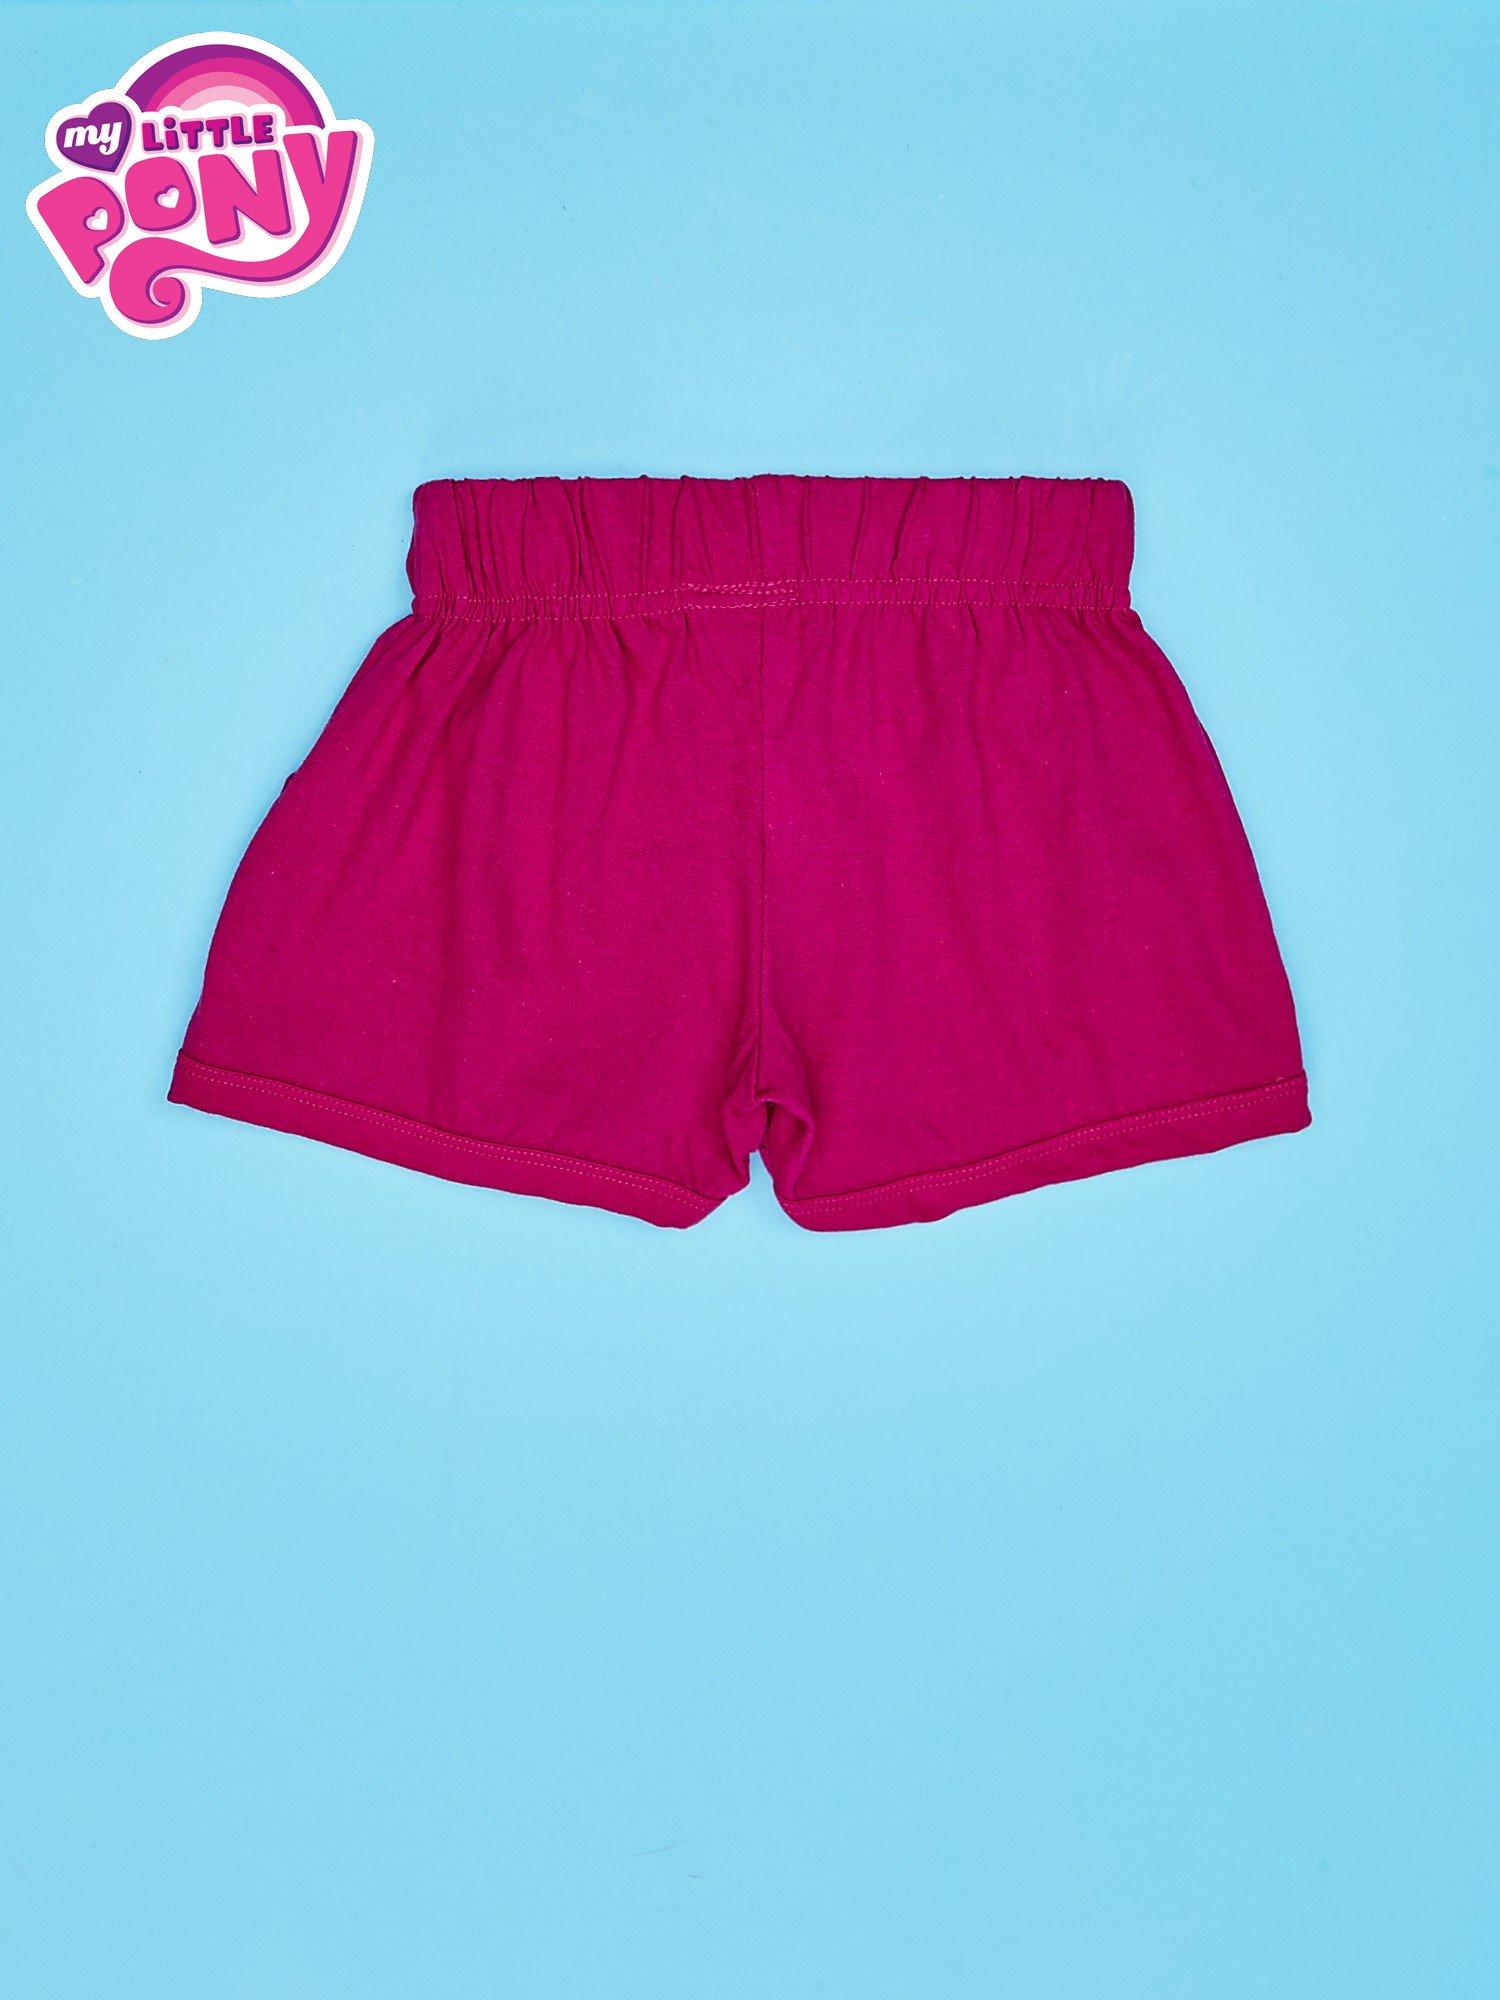 Fuksjowe szorty dla dziewczynki z różowym nadrukiem MY LITTLE PONY                                  zdj.                                  2